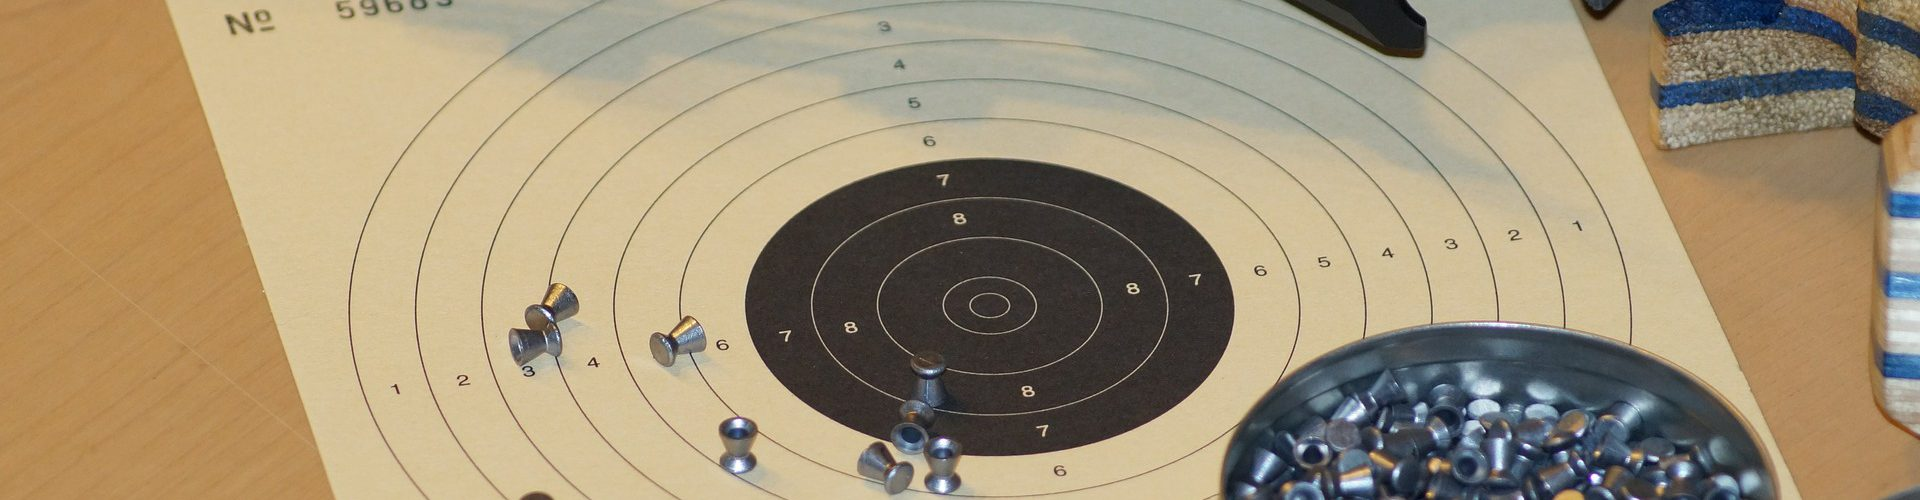 Bild zeigt eine Schießscheibe, Diabolos und eine Luftdruckwaffe